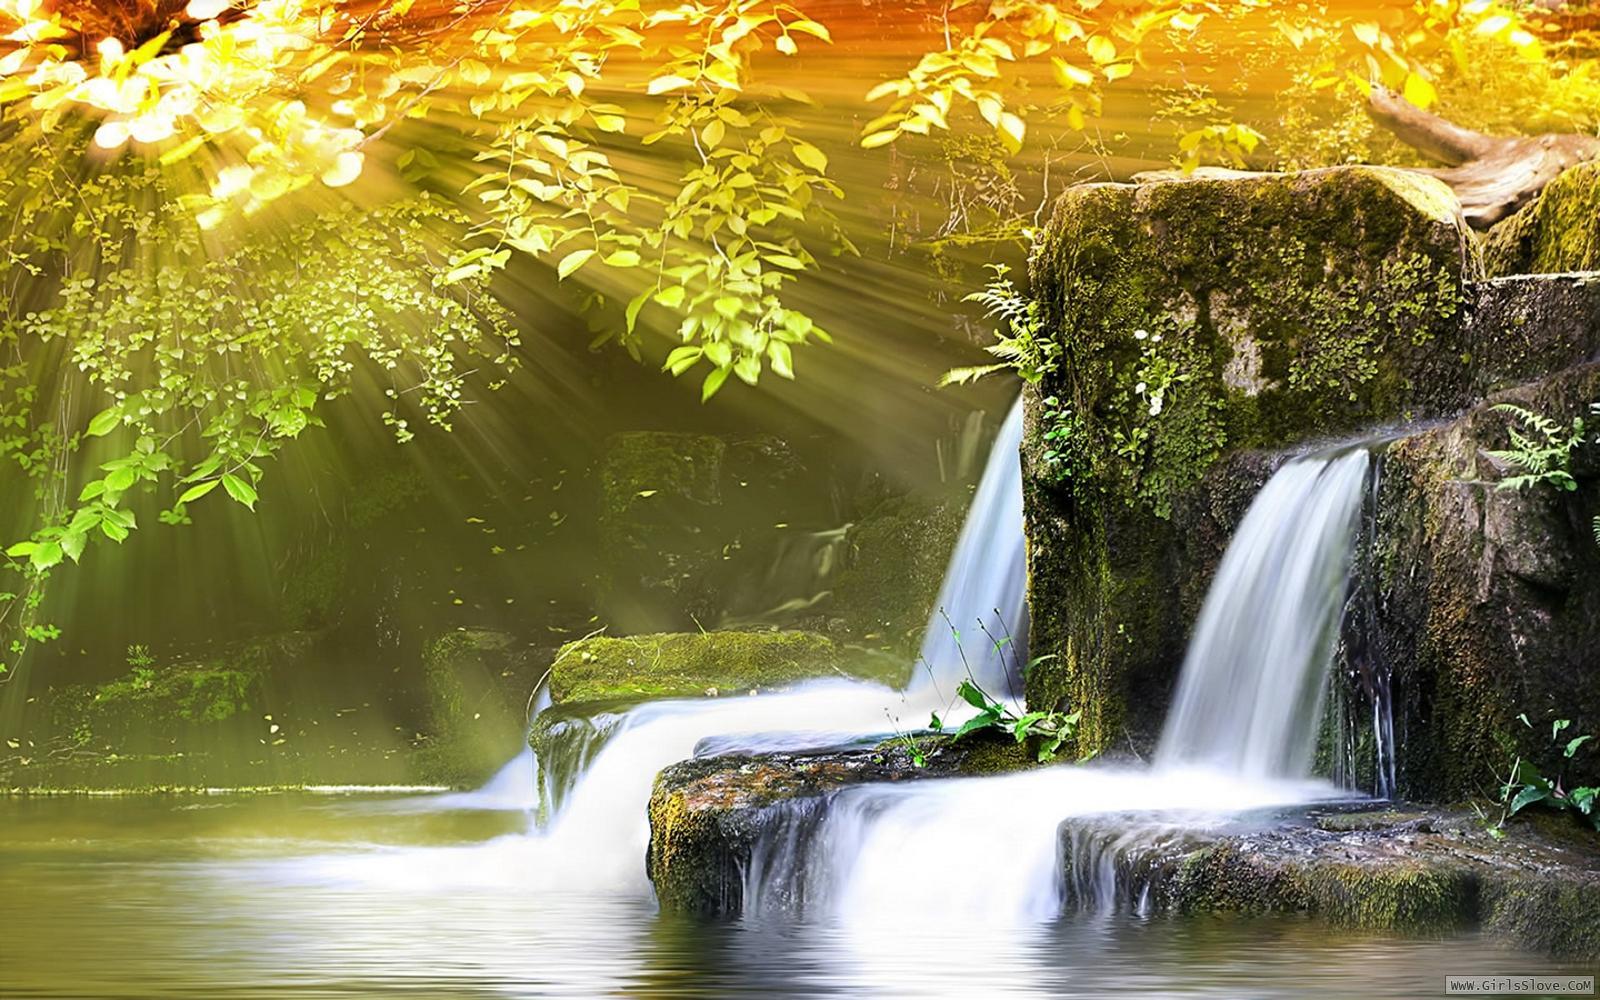 صوره اجمل المناظر الطبيعيه , تشكيله من المناظر الطبيعيه الخلابه